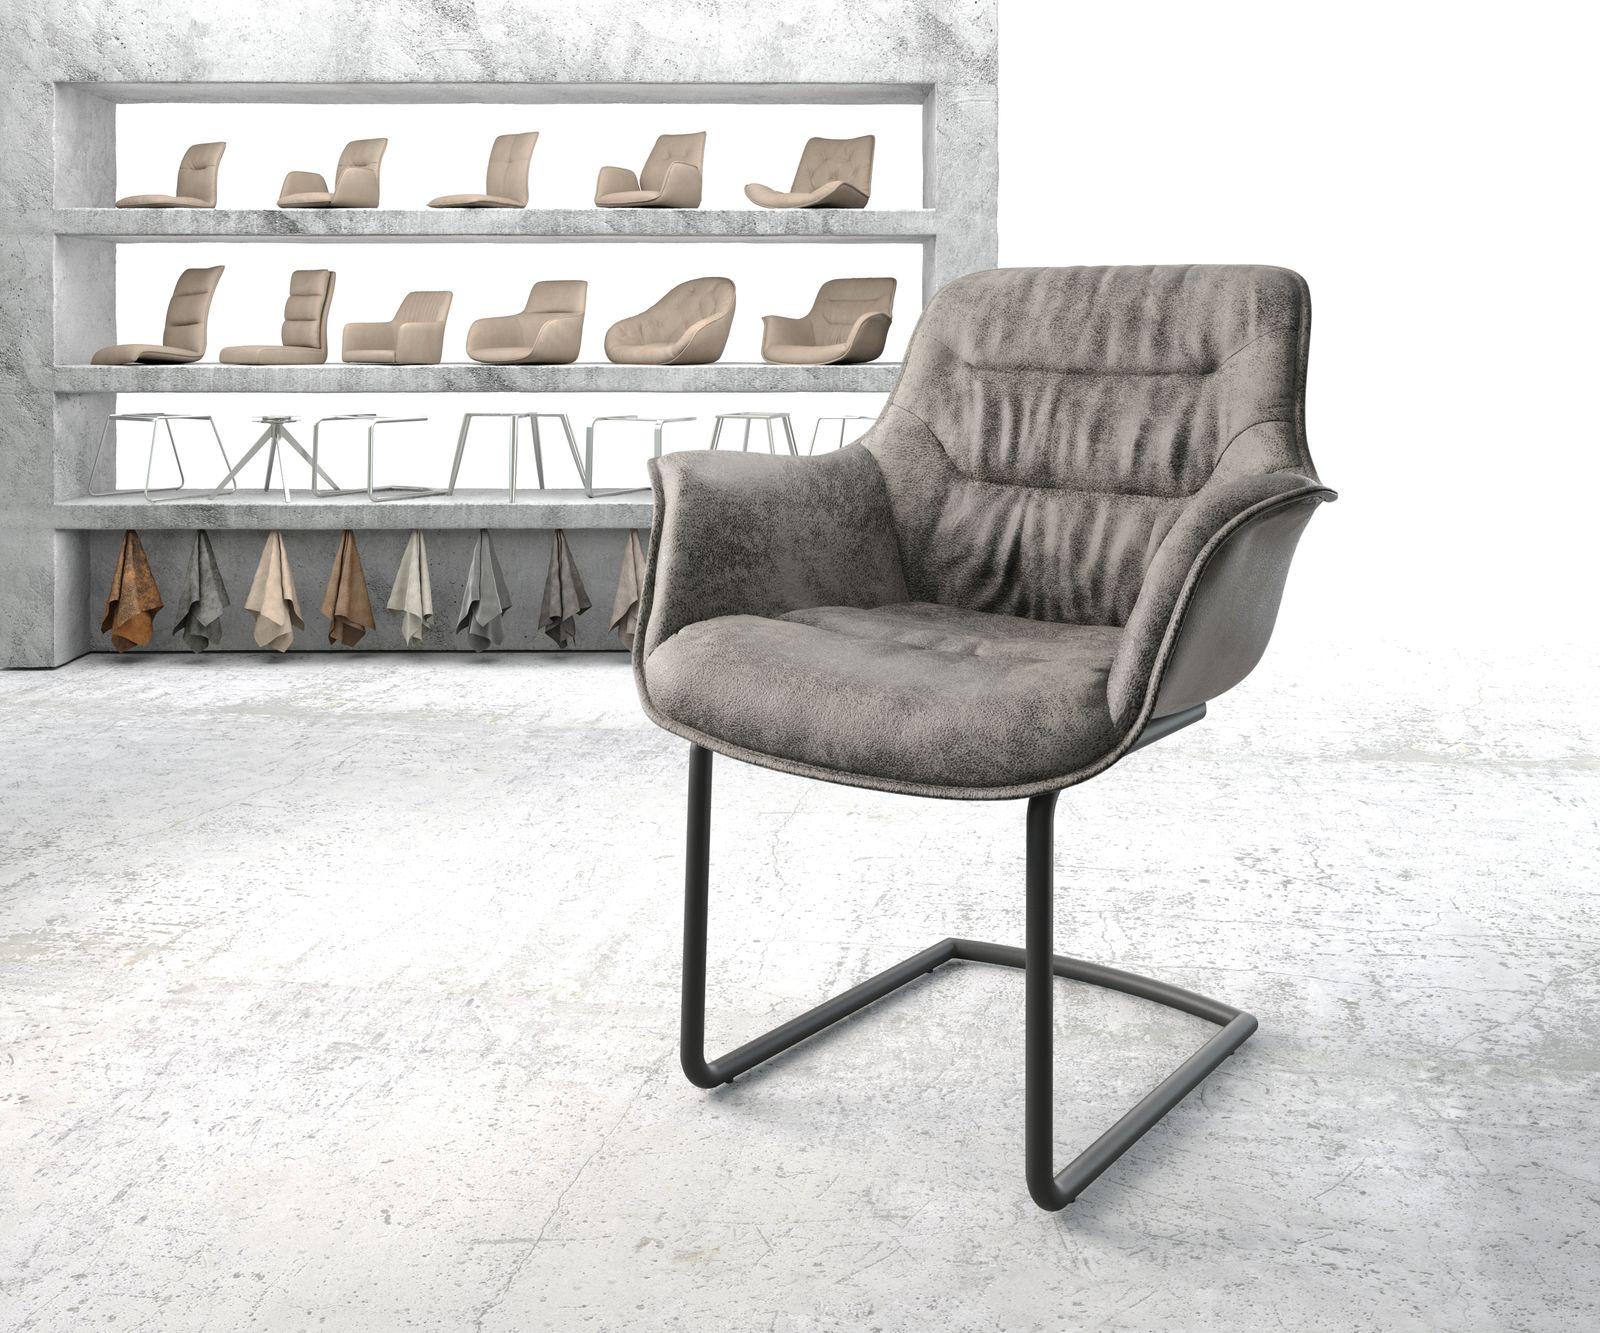 delife-armlehnstuhl-kaira-flex-grau-vintage-freischwinger-rund-schwarz-esszimmerstuhle